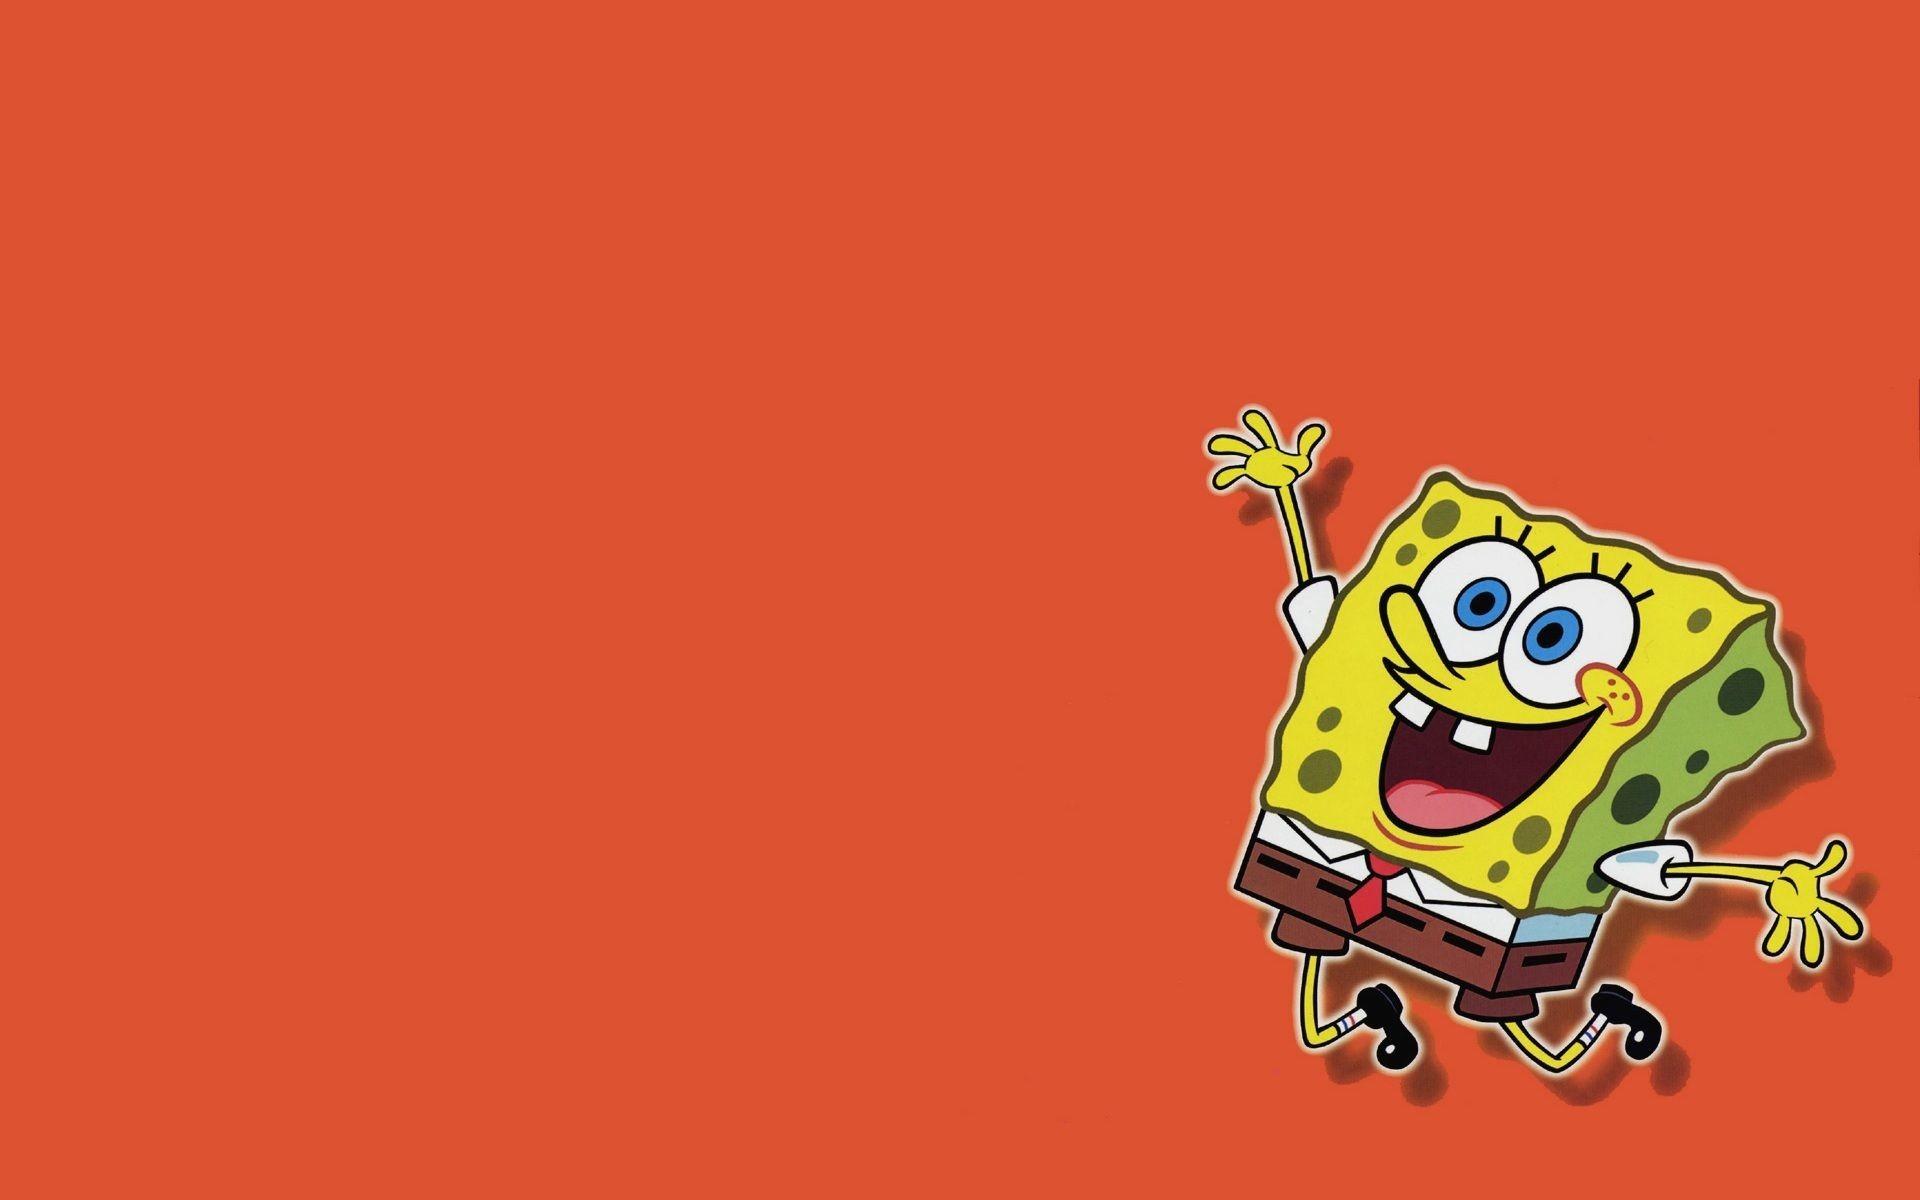 Spongebob Face Expression Wallpaper Computer #992 Wallpaper .